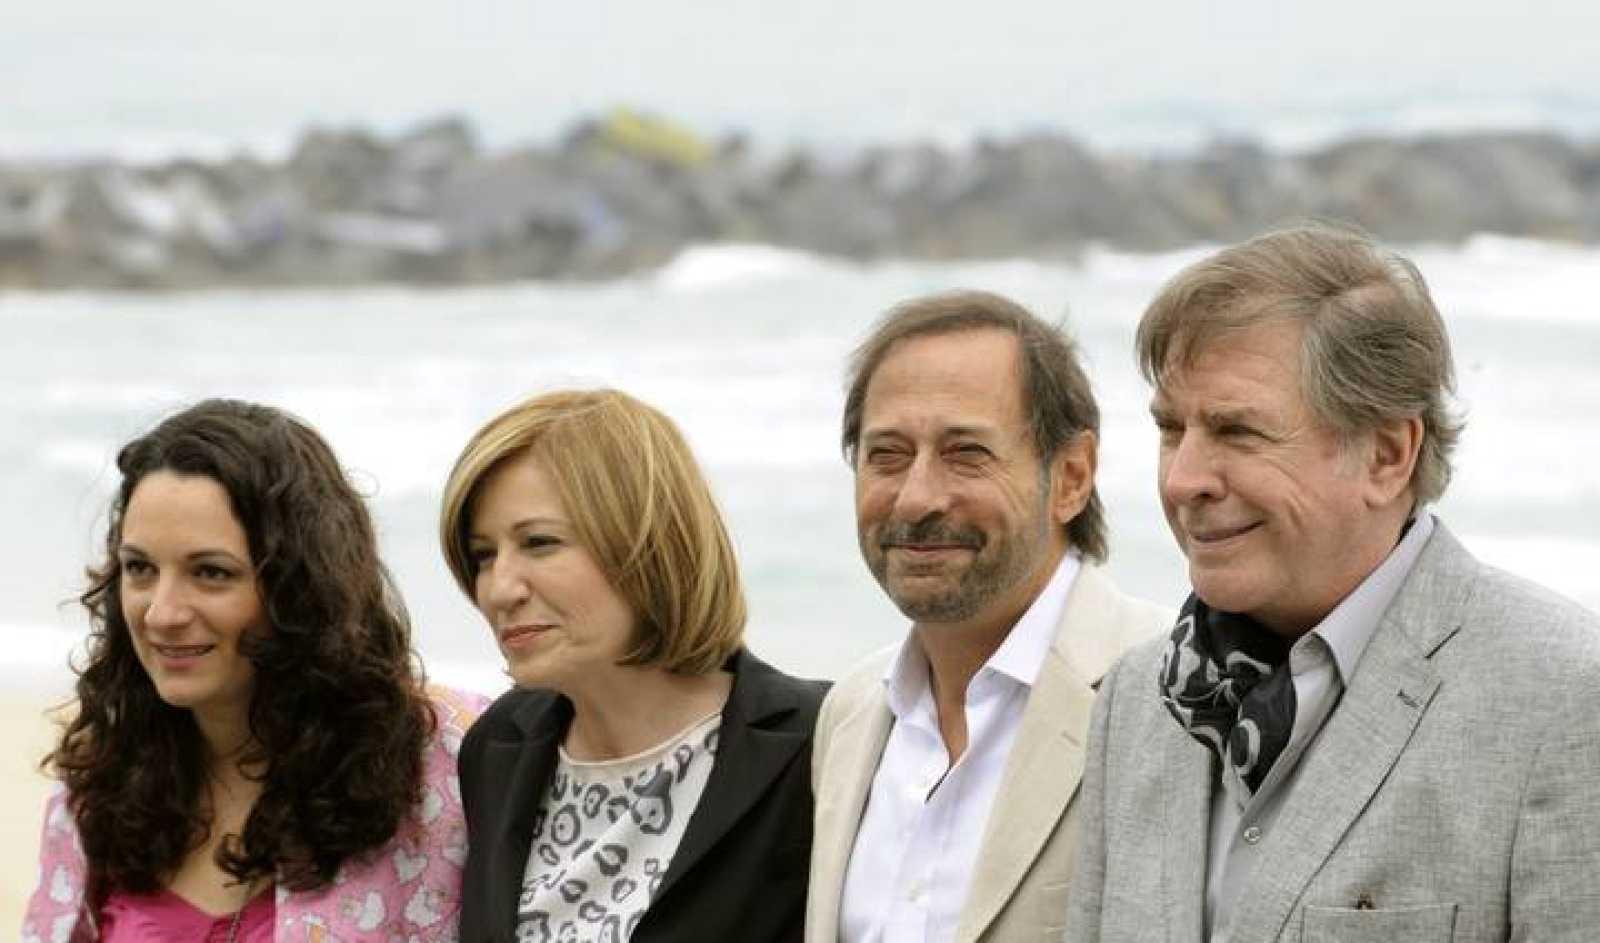 La directora de 'Los Marziano' Ana Kayz, junto a los actores Mercedes Moran, Guillermo Francella y Arturo Puig